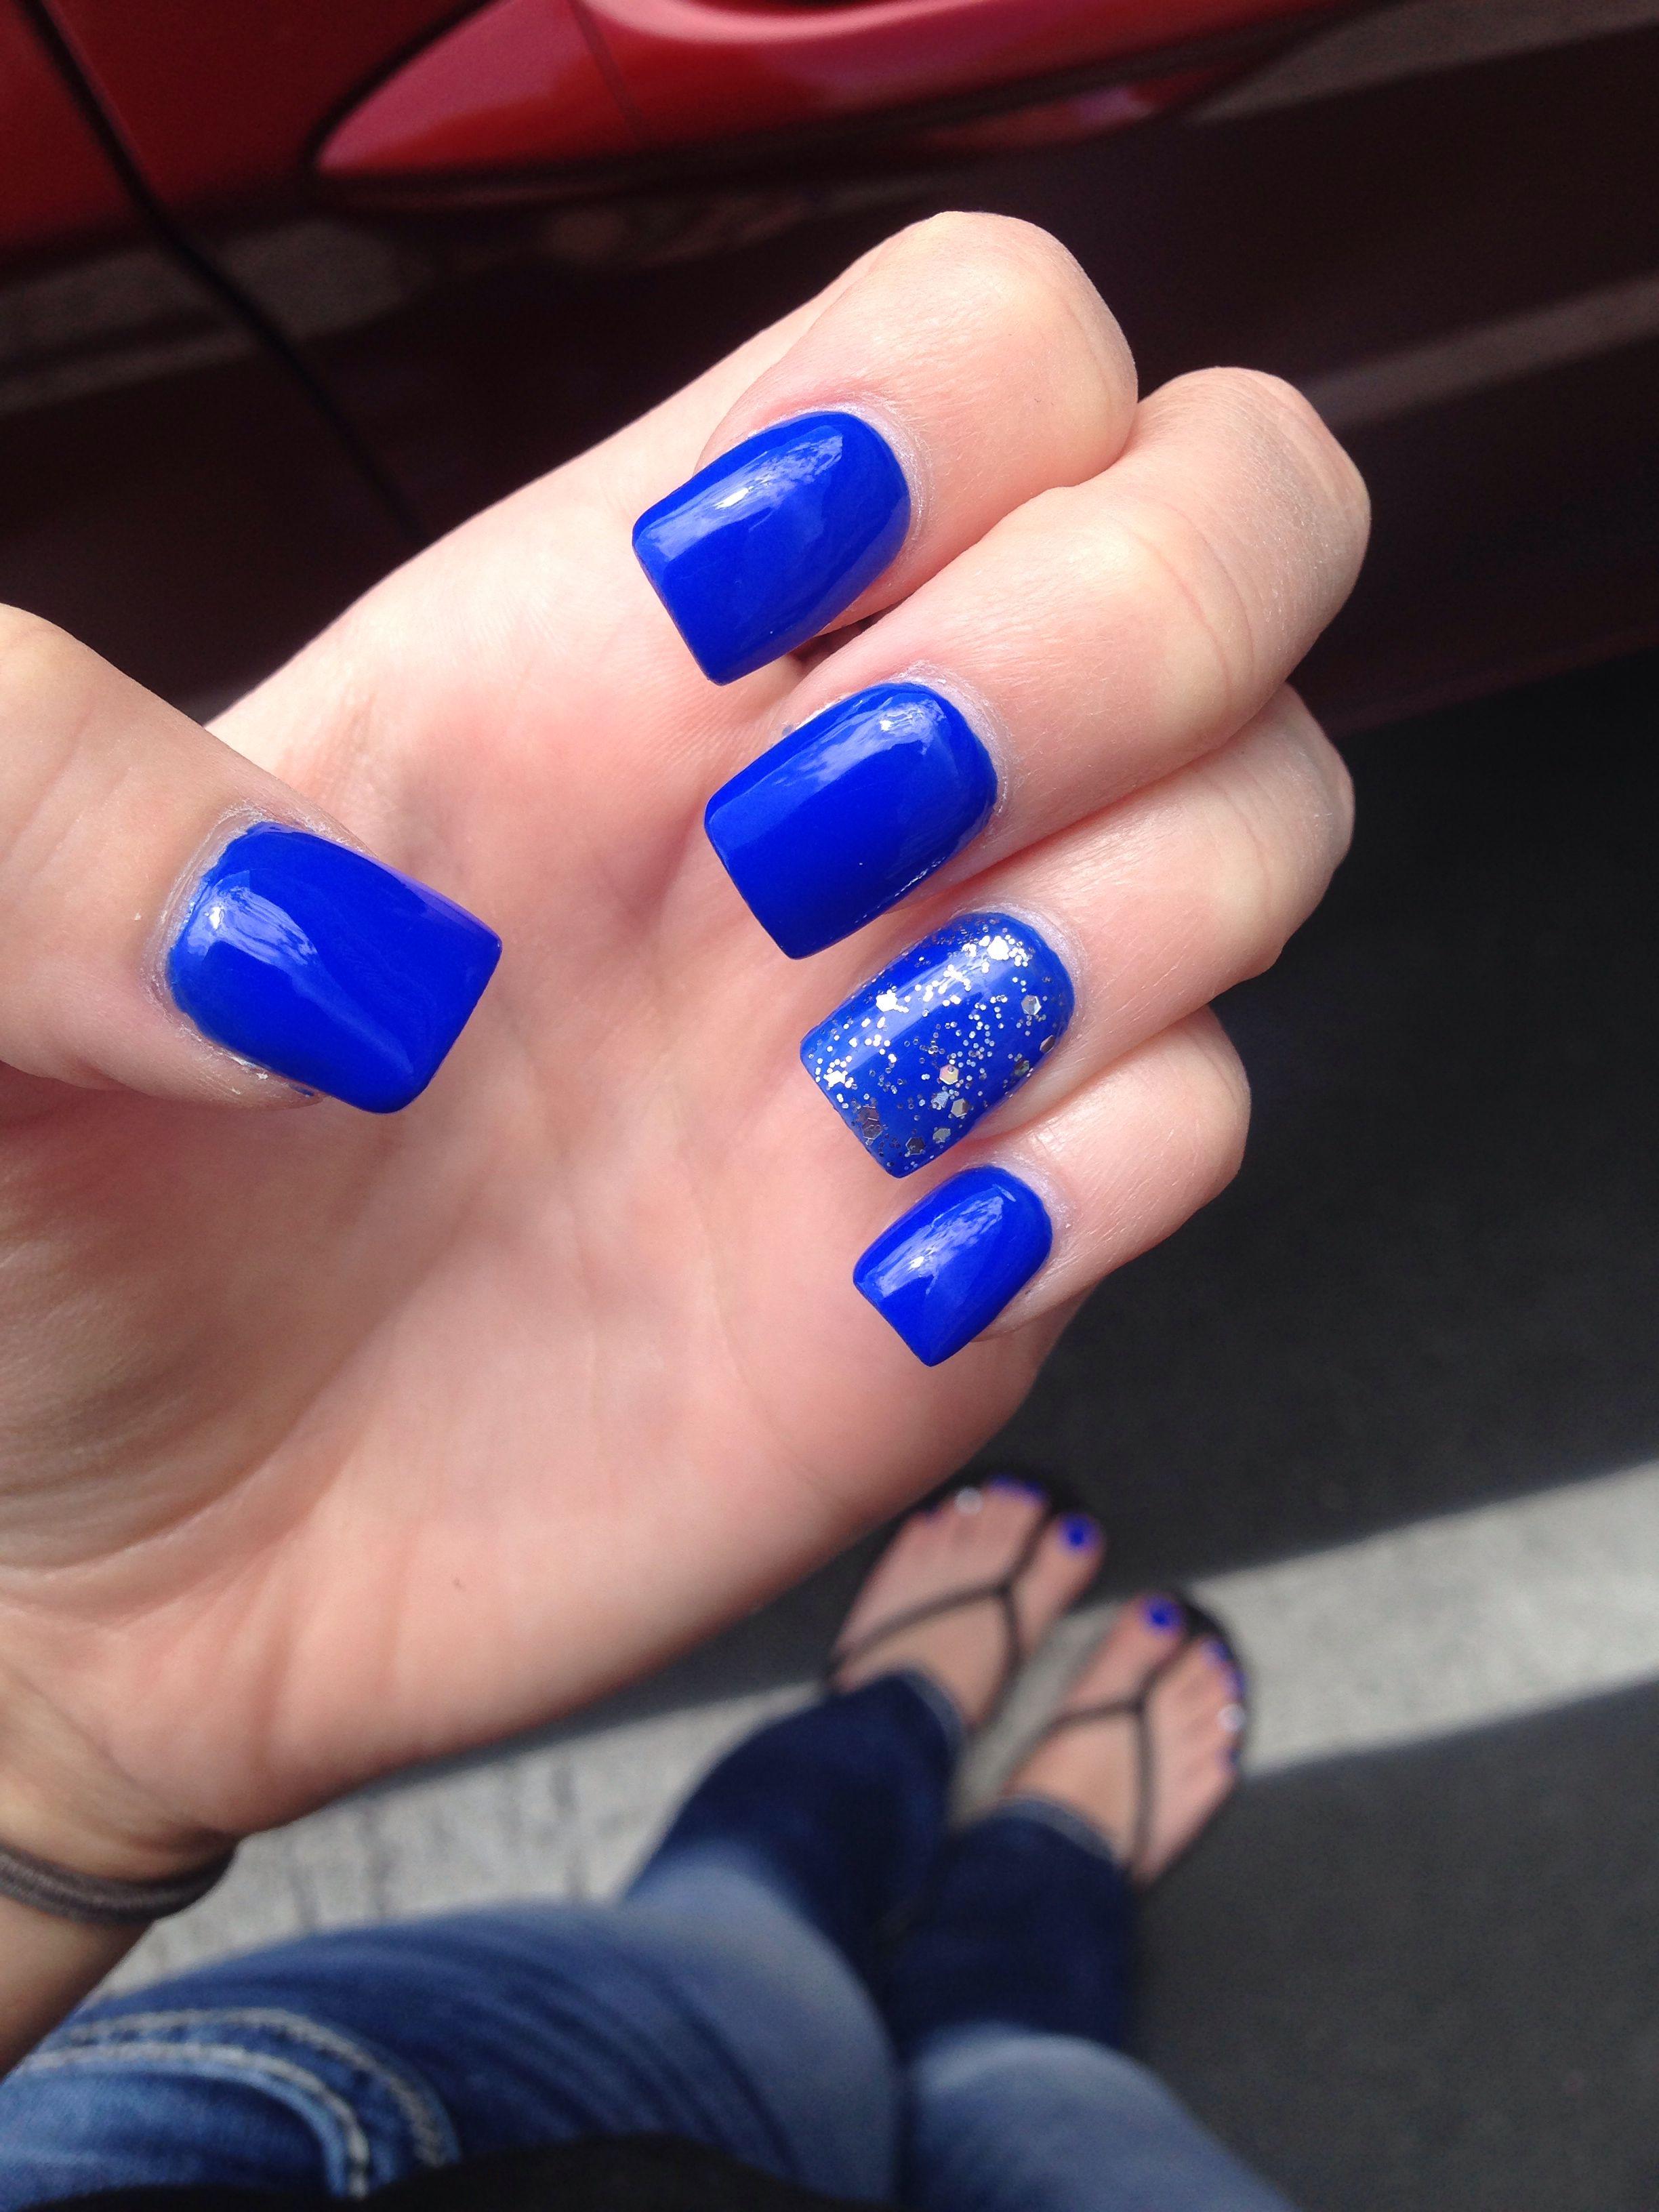 Royal Blue Acrylic Nails Blue Acrylic Nails Blue Nail Designs Royal Blue Nails